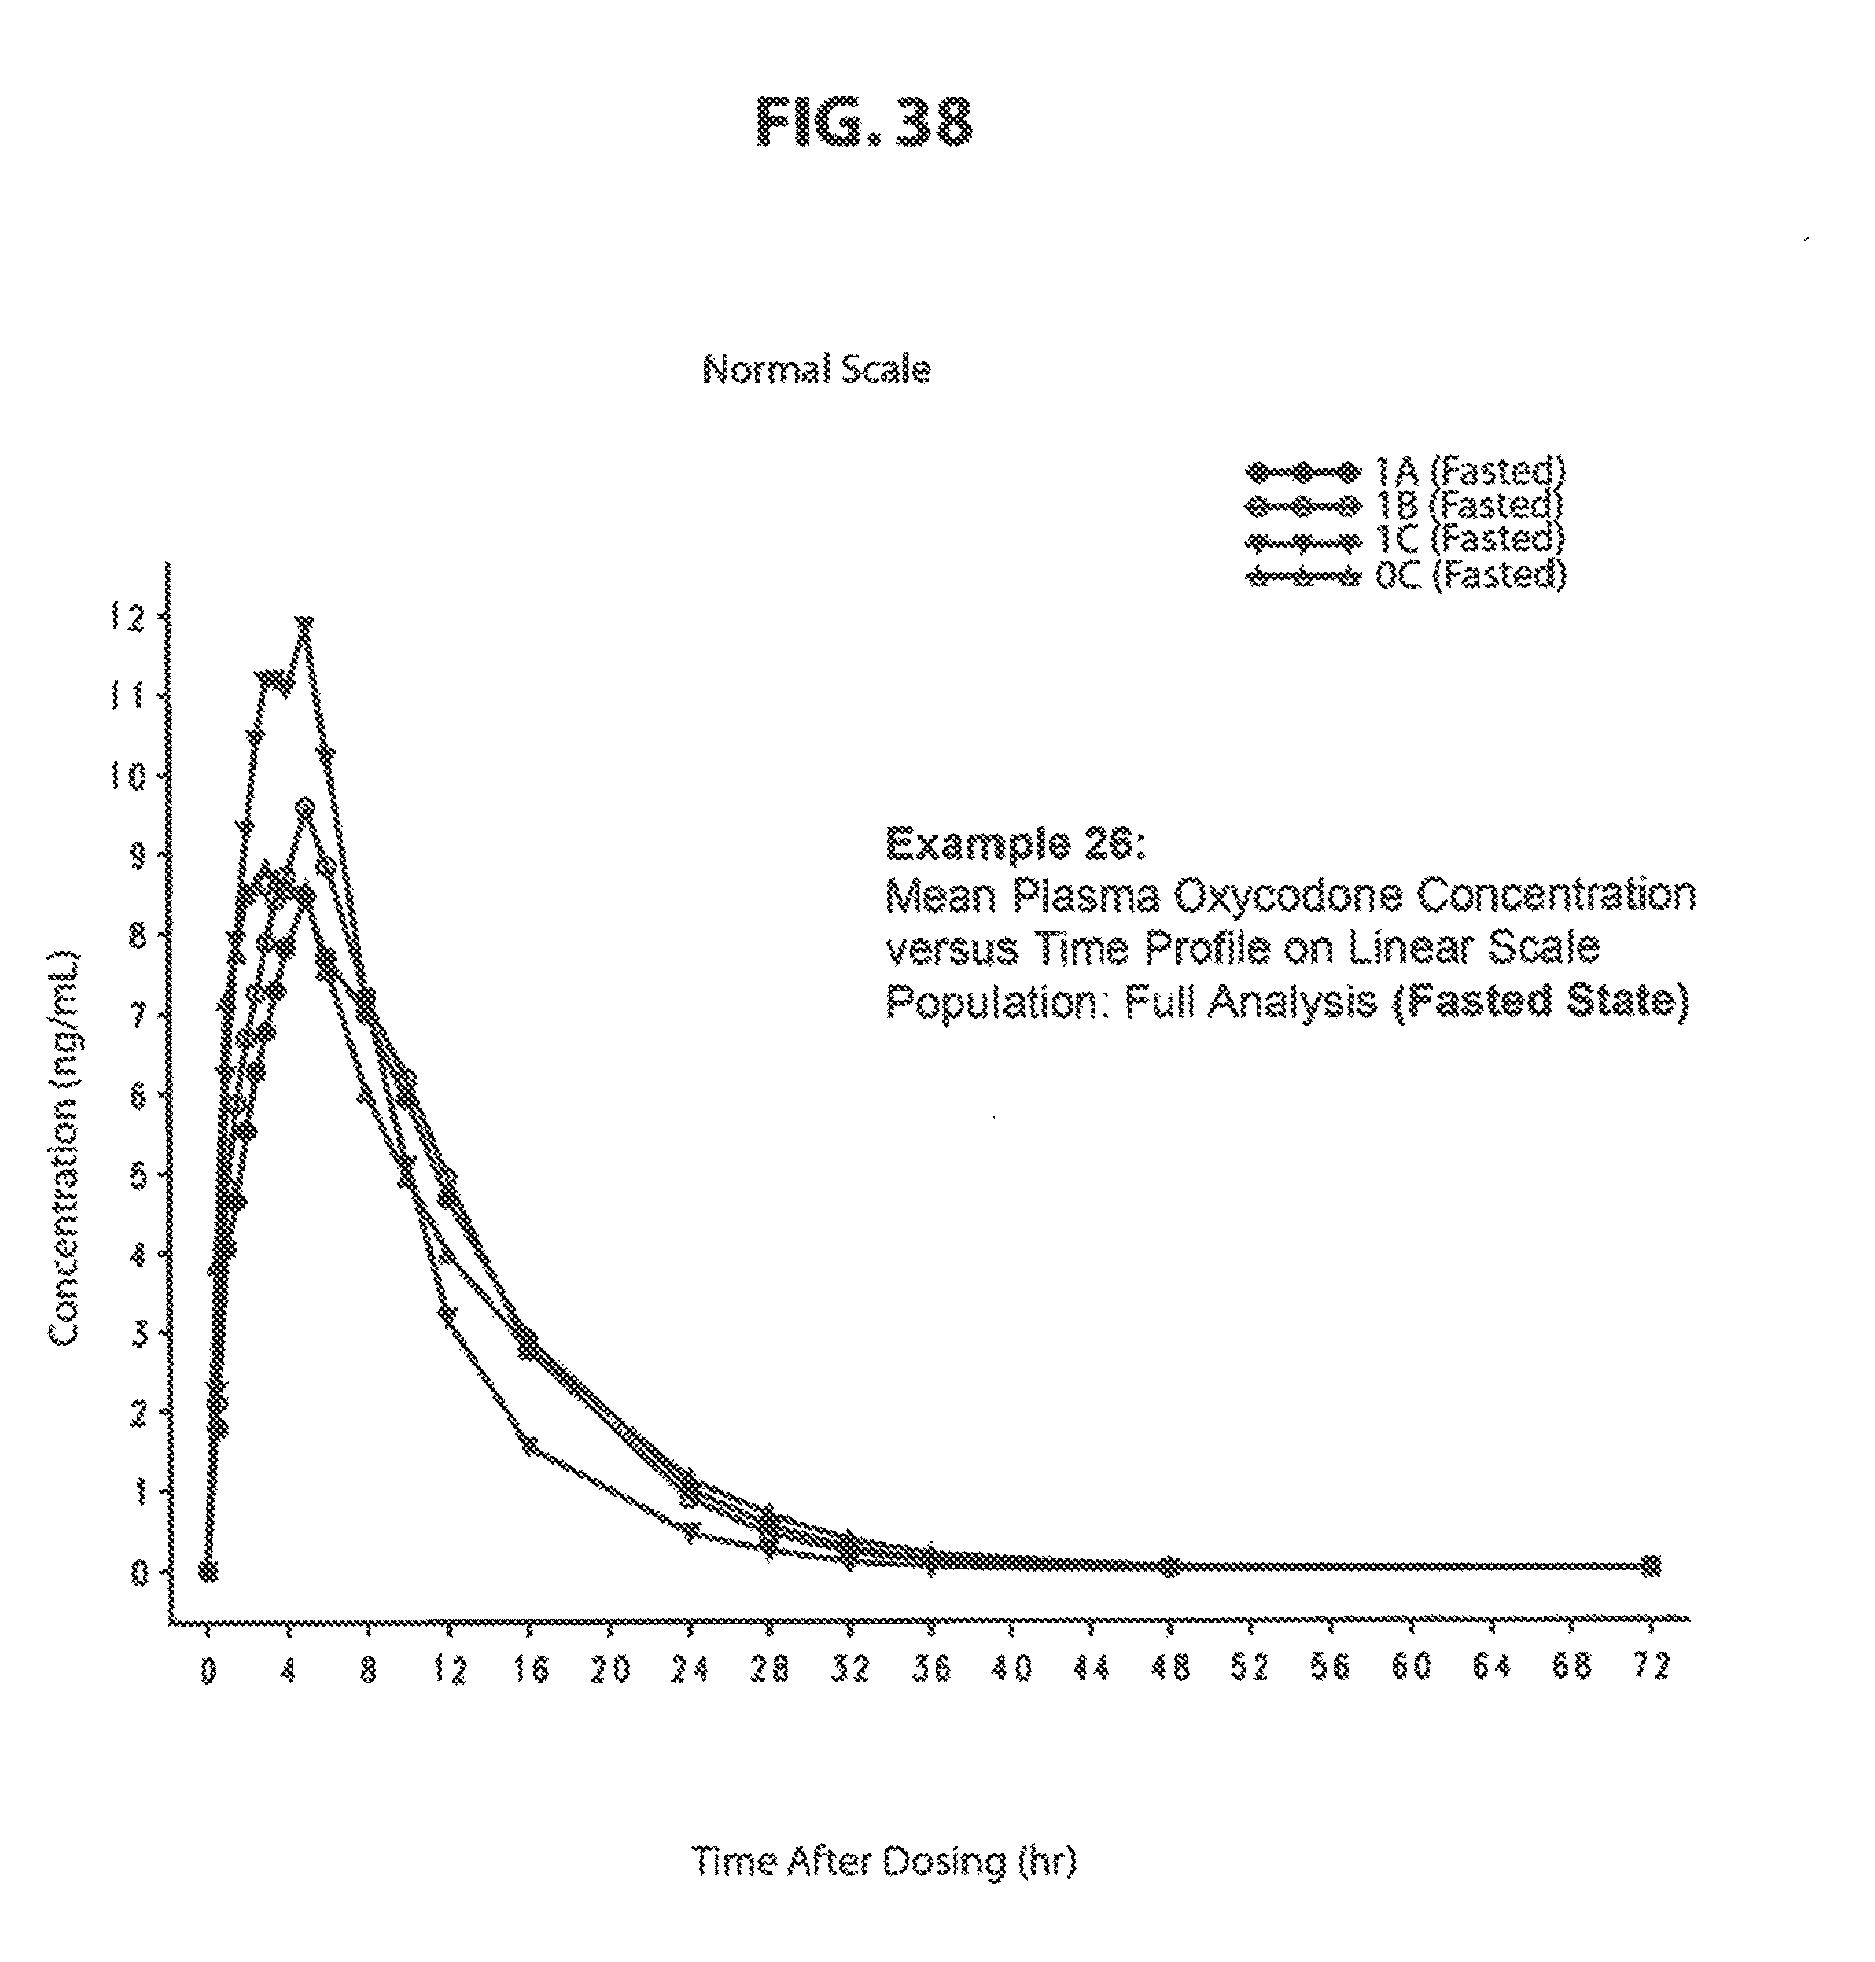 us9775808b2 tamper resistant dosage forms google patents